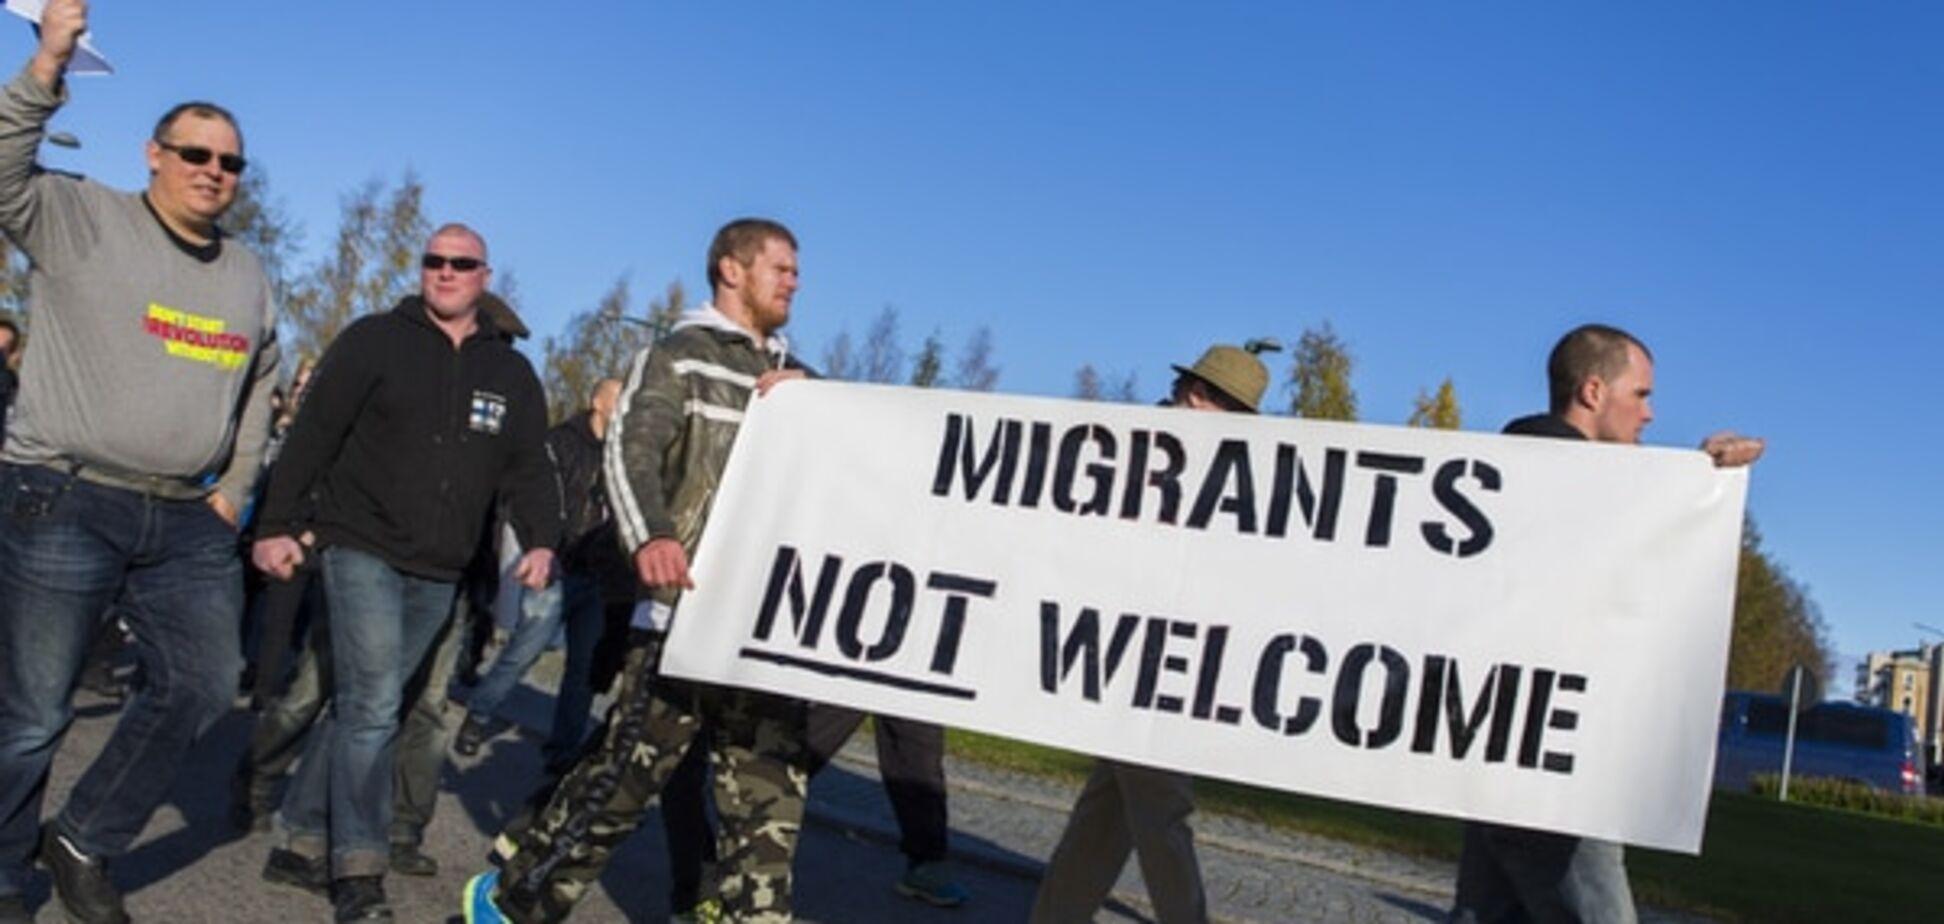 У Фінляндії пояснили, чому мігранти повинні працювати безкоштовно